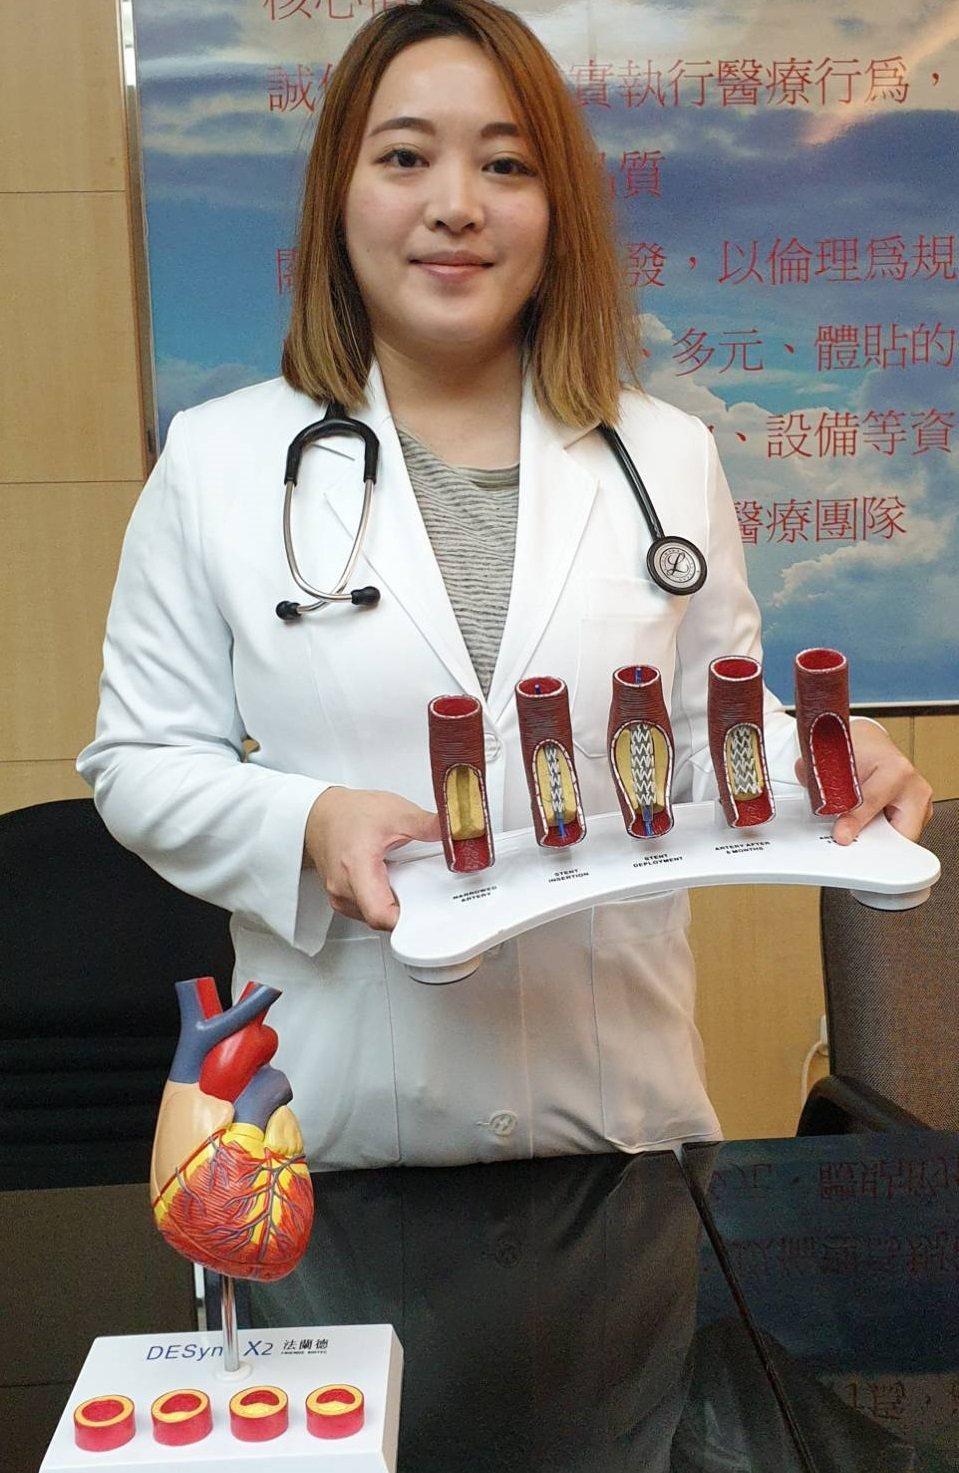 吳靜如醫師說研究和統計都顯示,香菸含有許多可能危害心血管疾病的物質,包括尼古丁、...